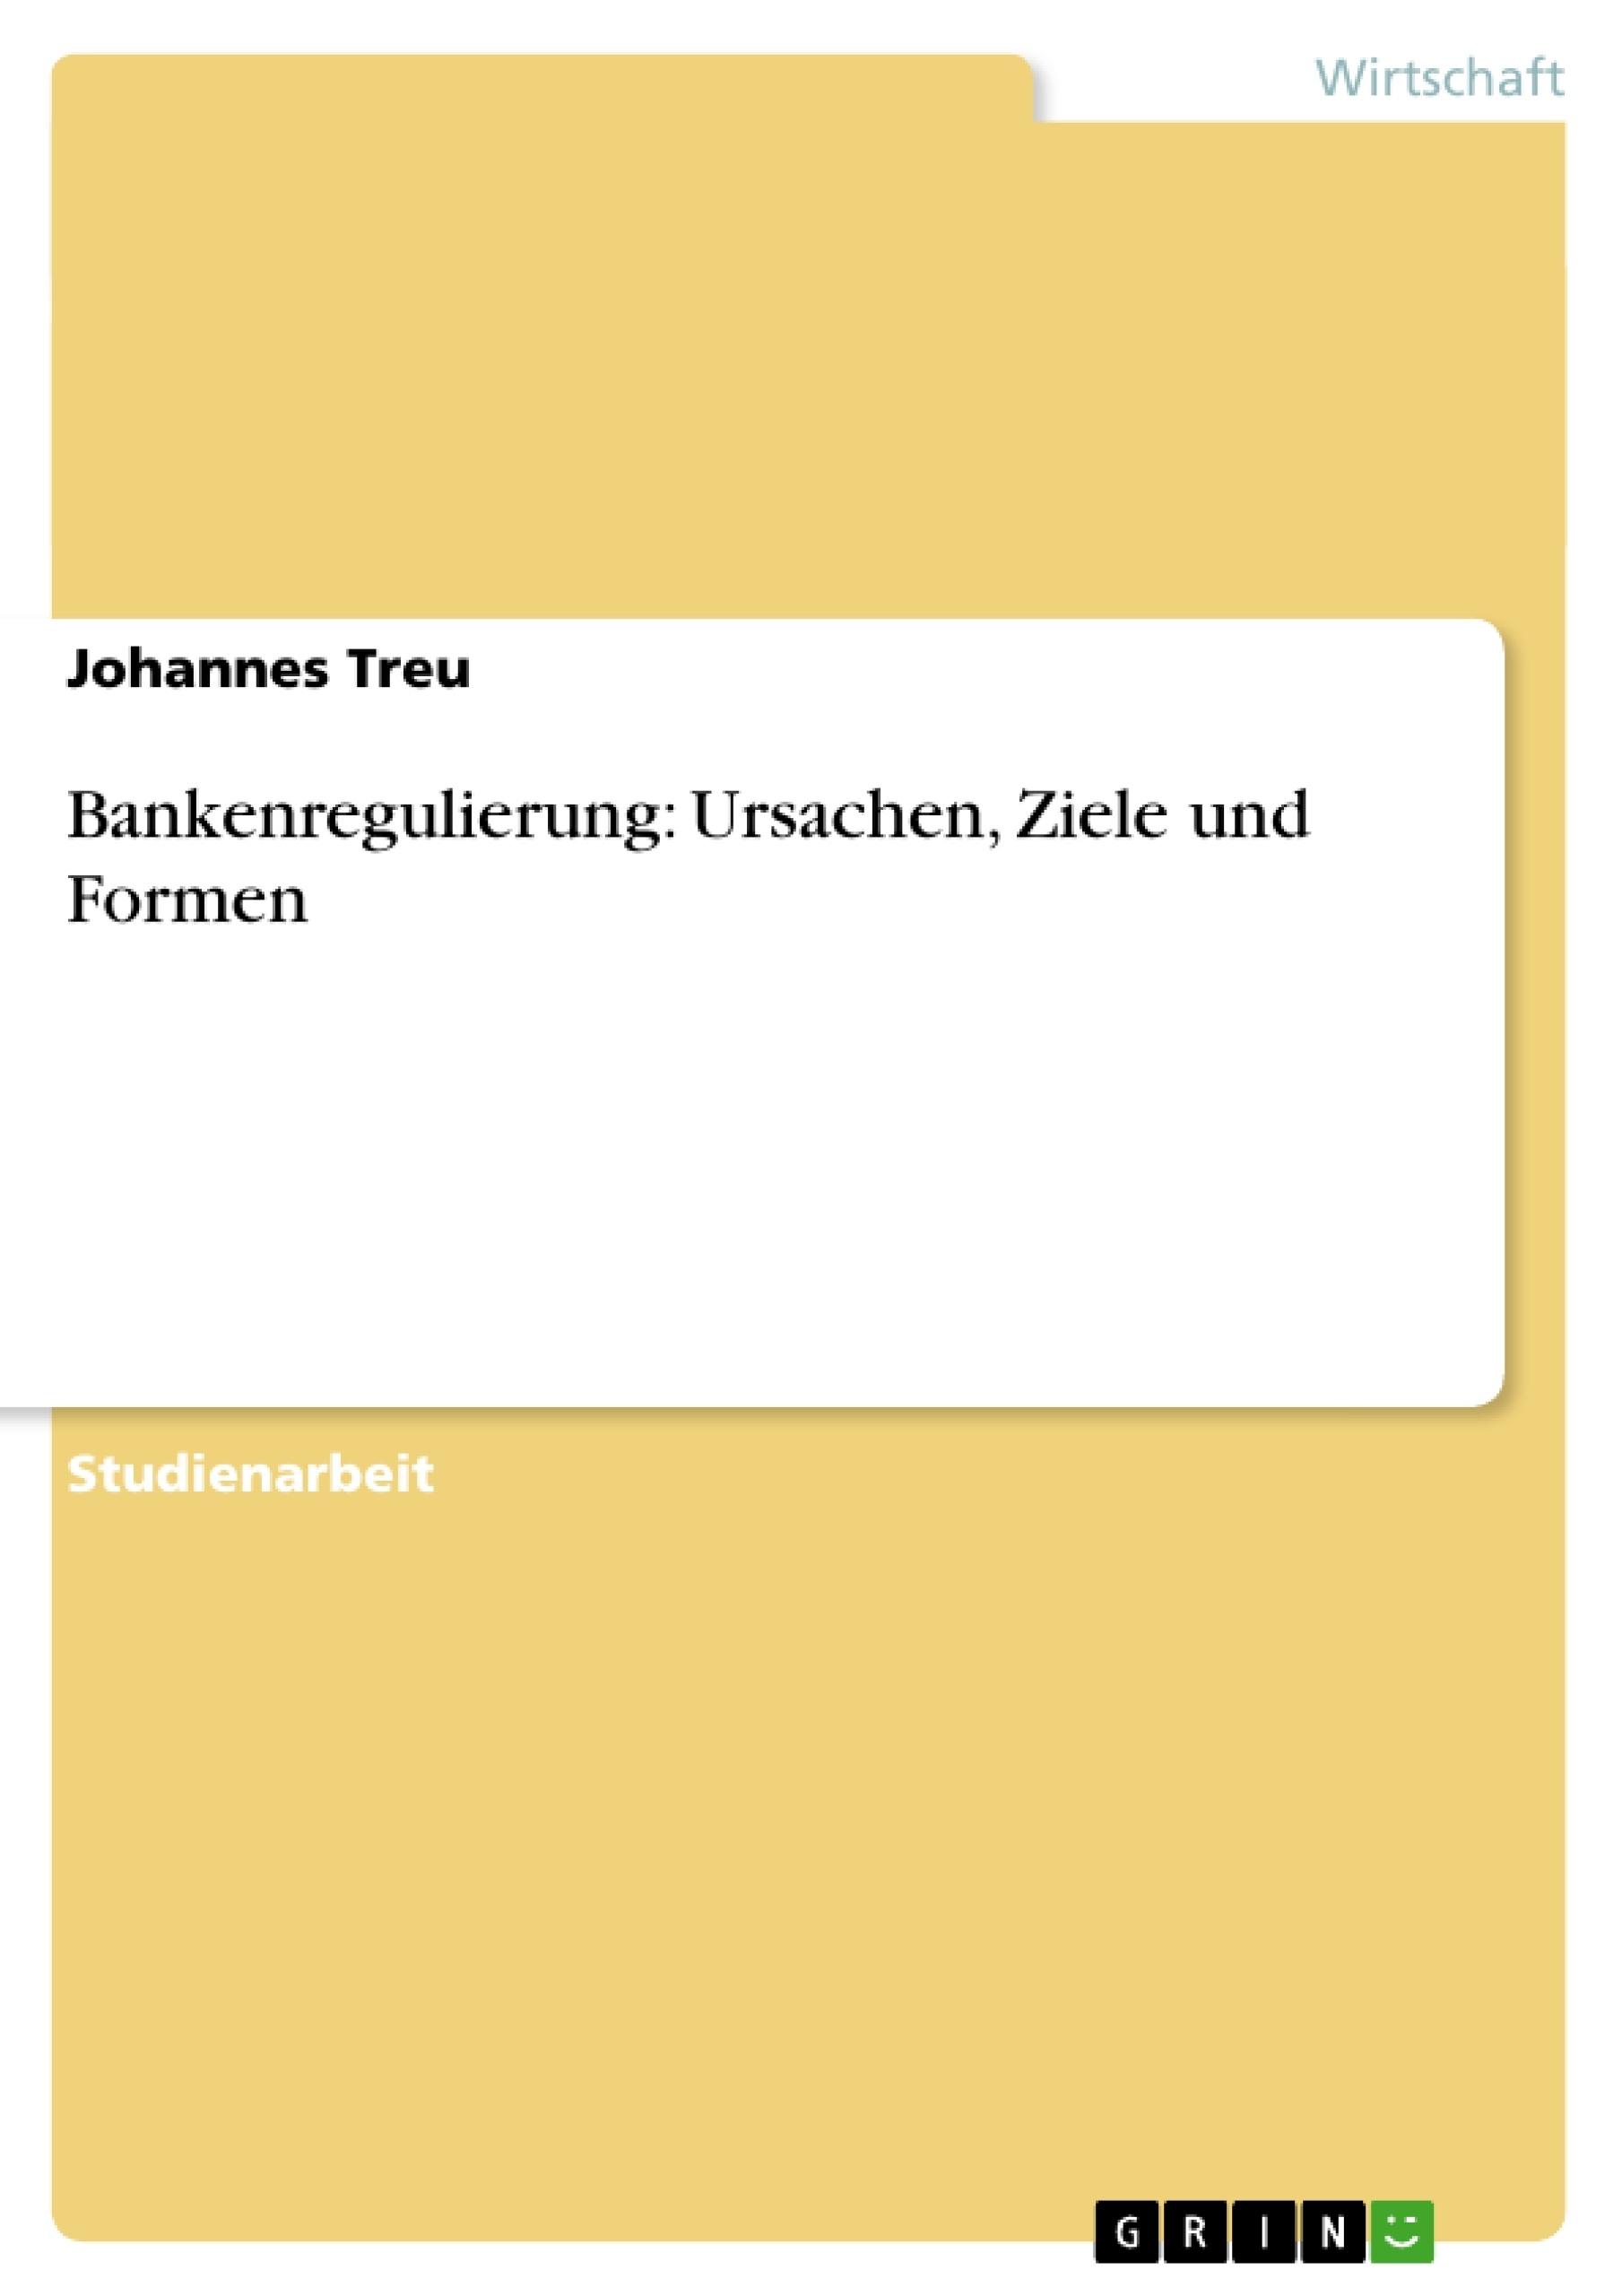 Titel: Bankenregulierung: Ursachen, Ziele und Formen